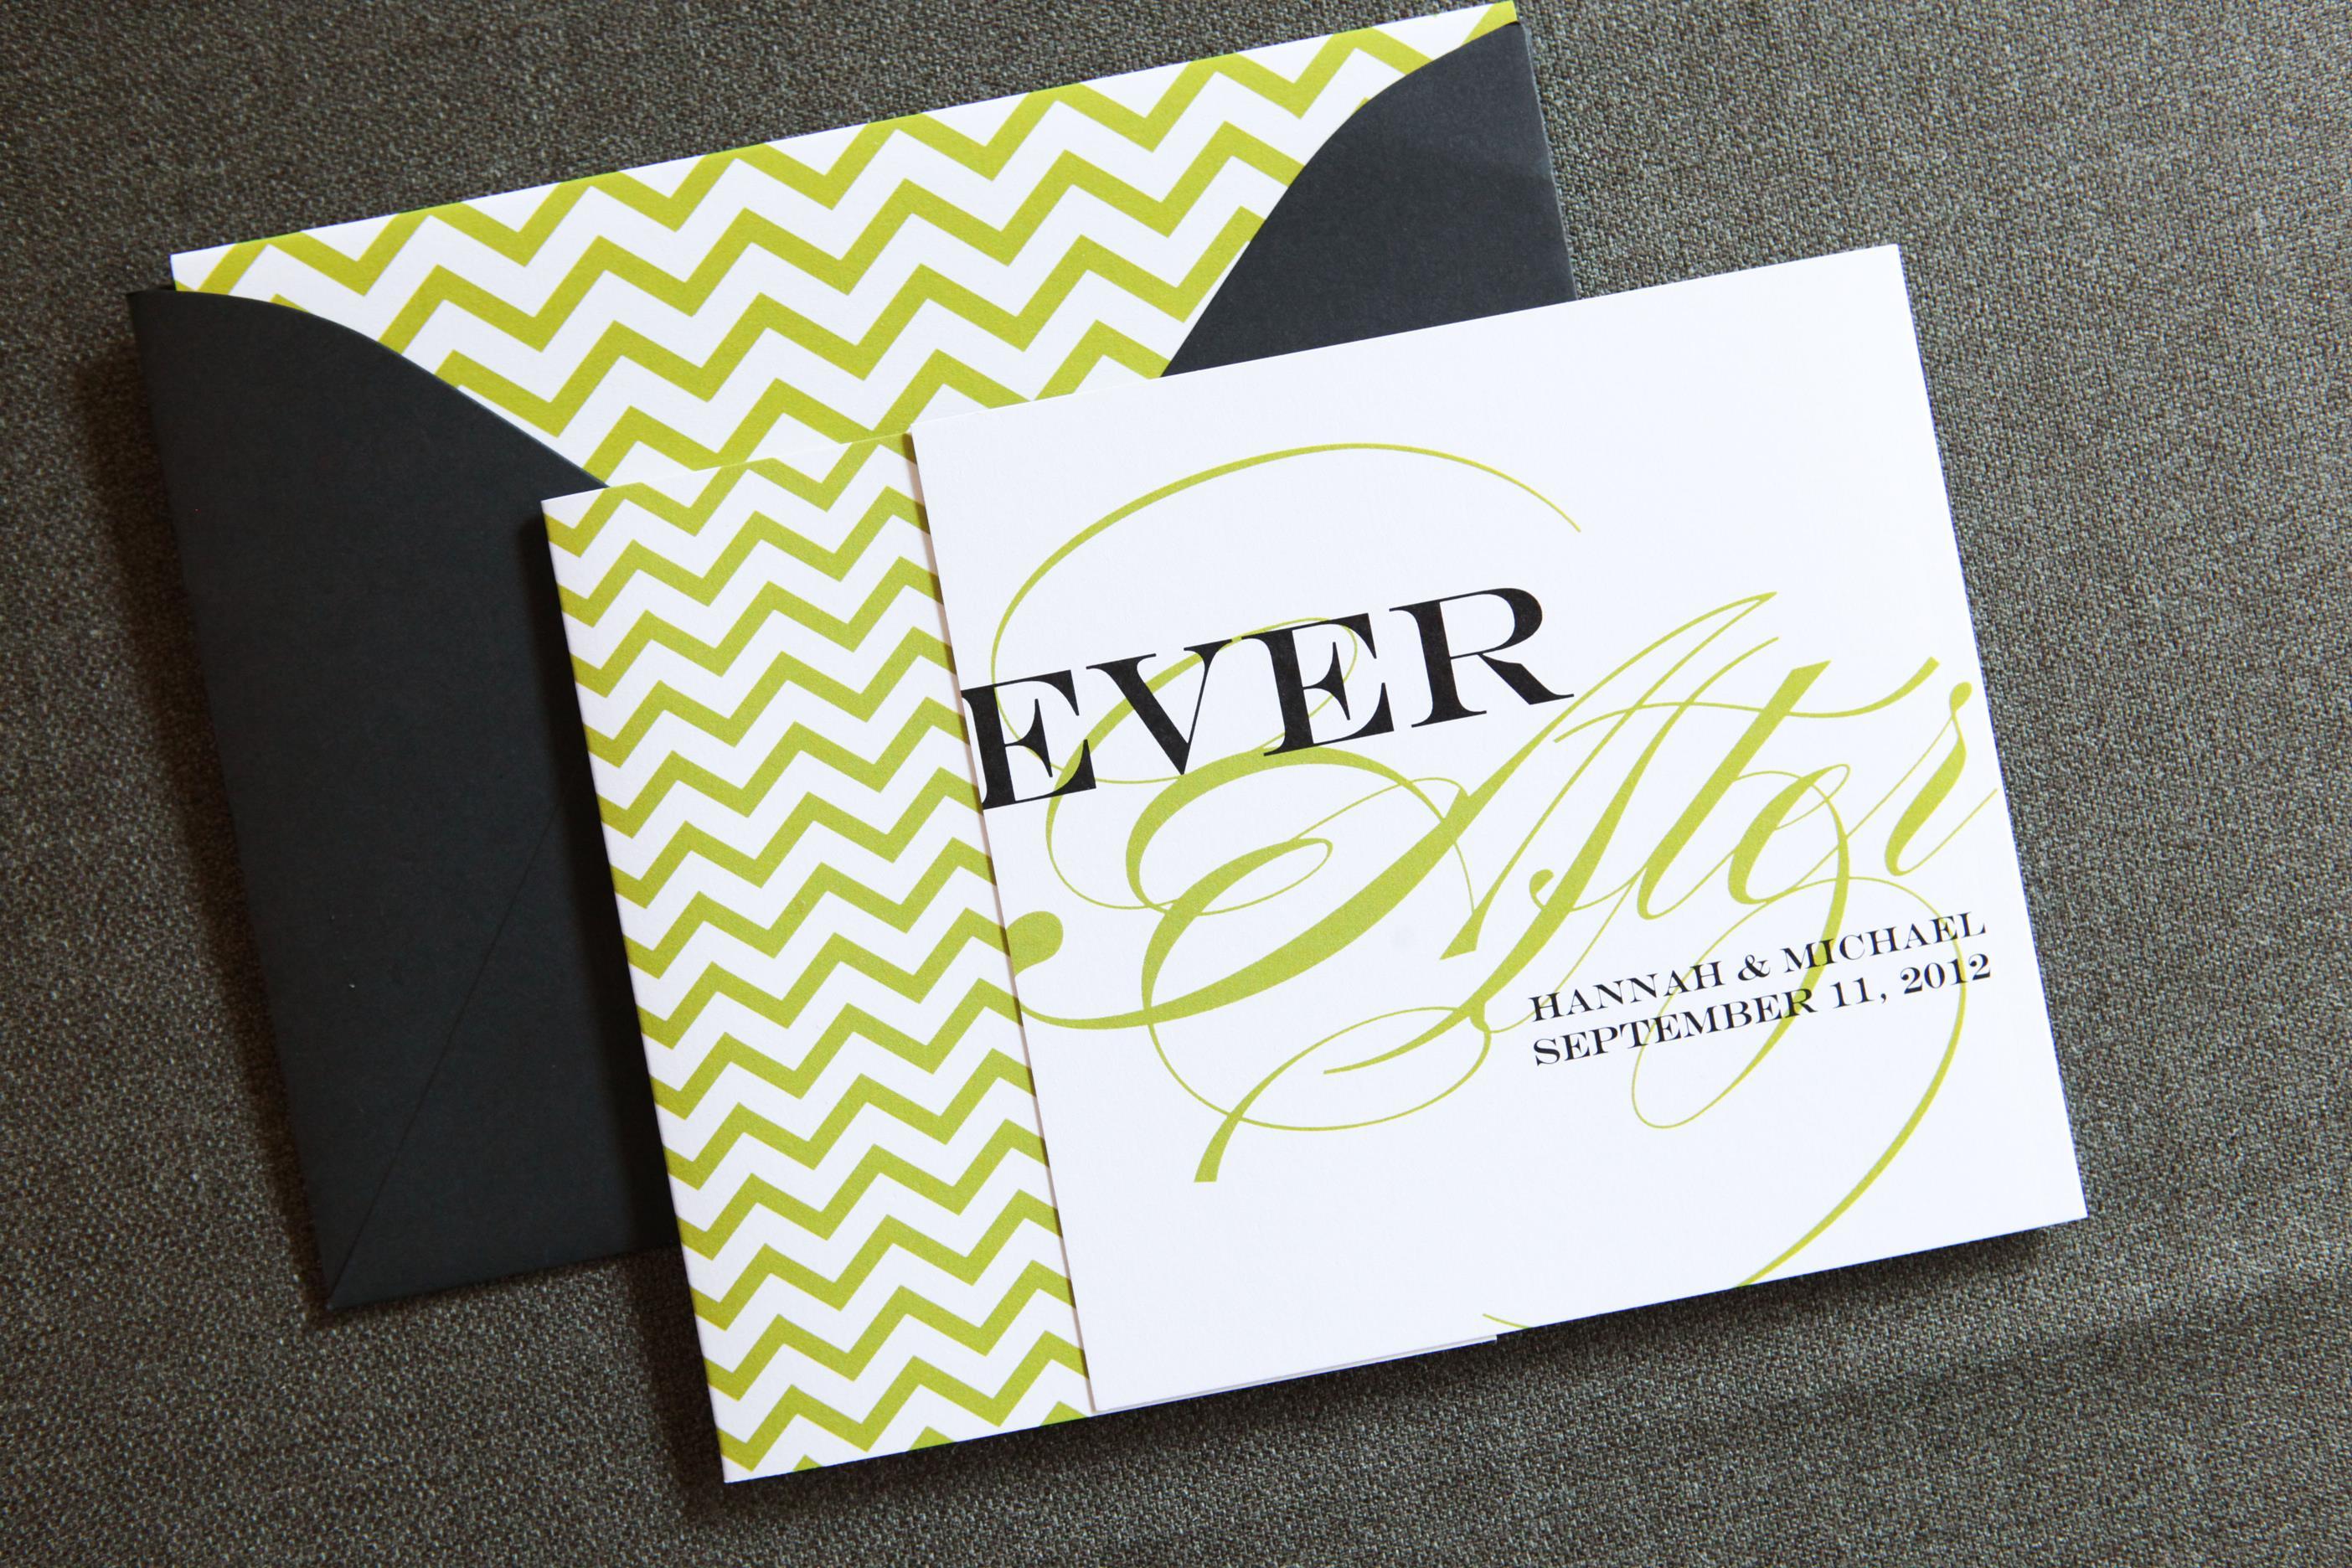 Chevron Chic Tri-Fold by Jenn Sprinkle Paper